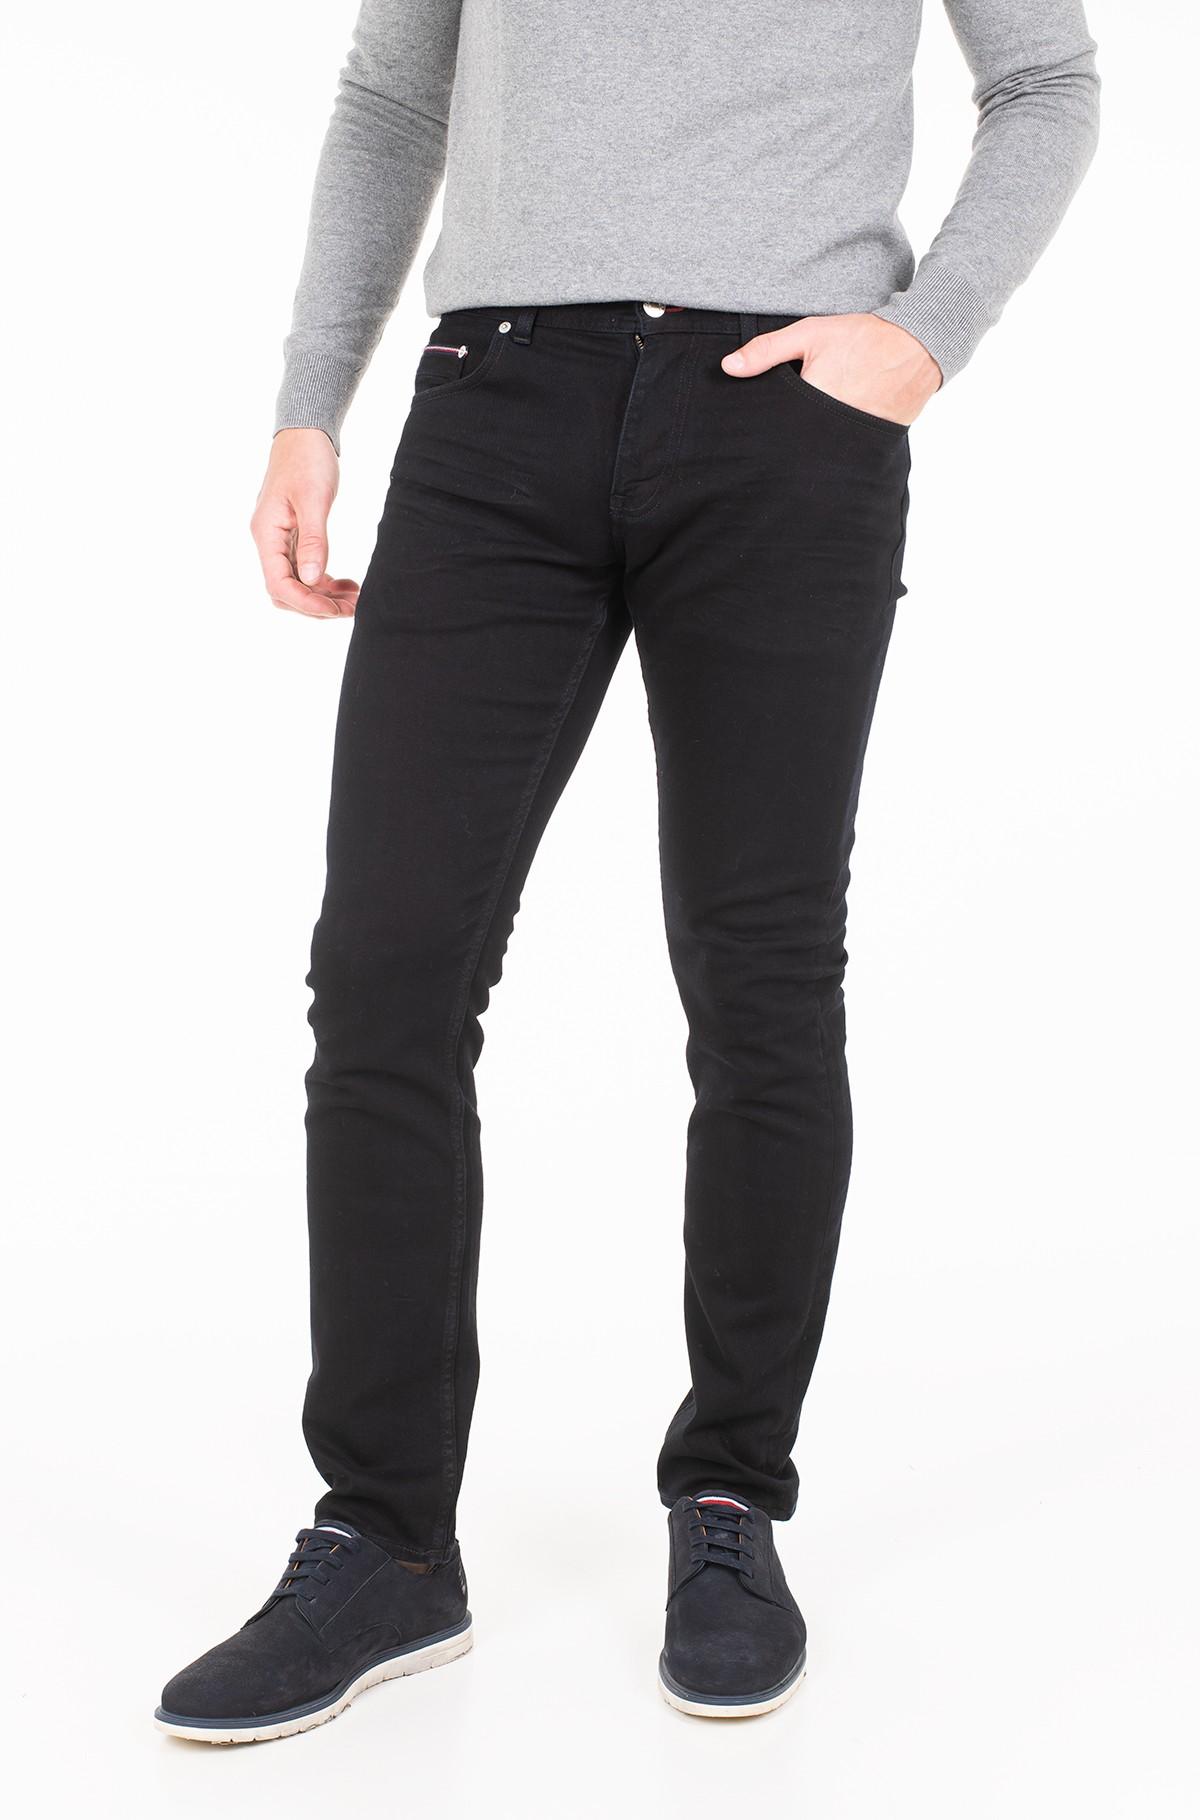 Džinsinės kelnės SLIM BLEECKER STSTR PELHAM BLACK-full-1